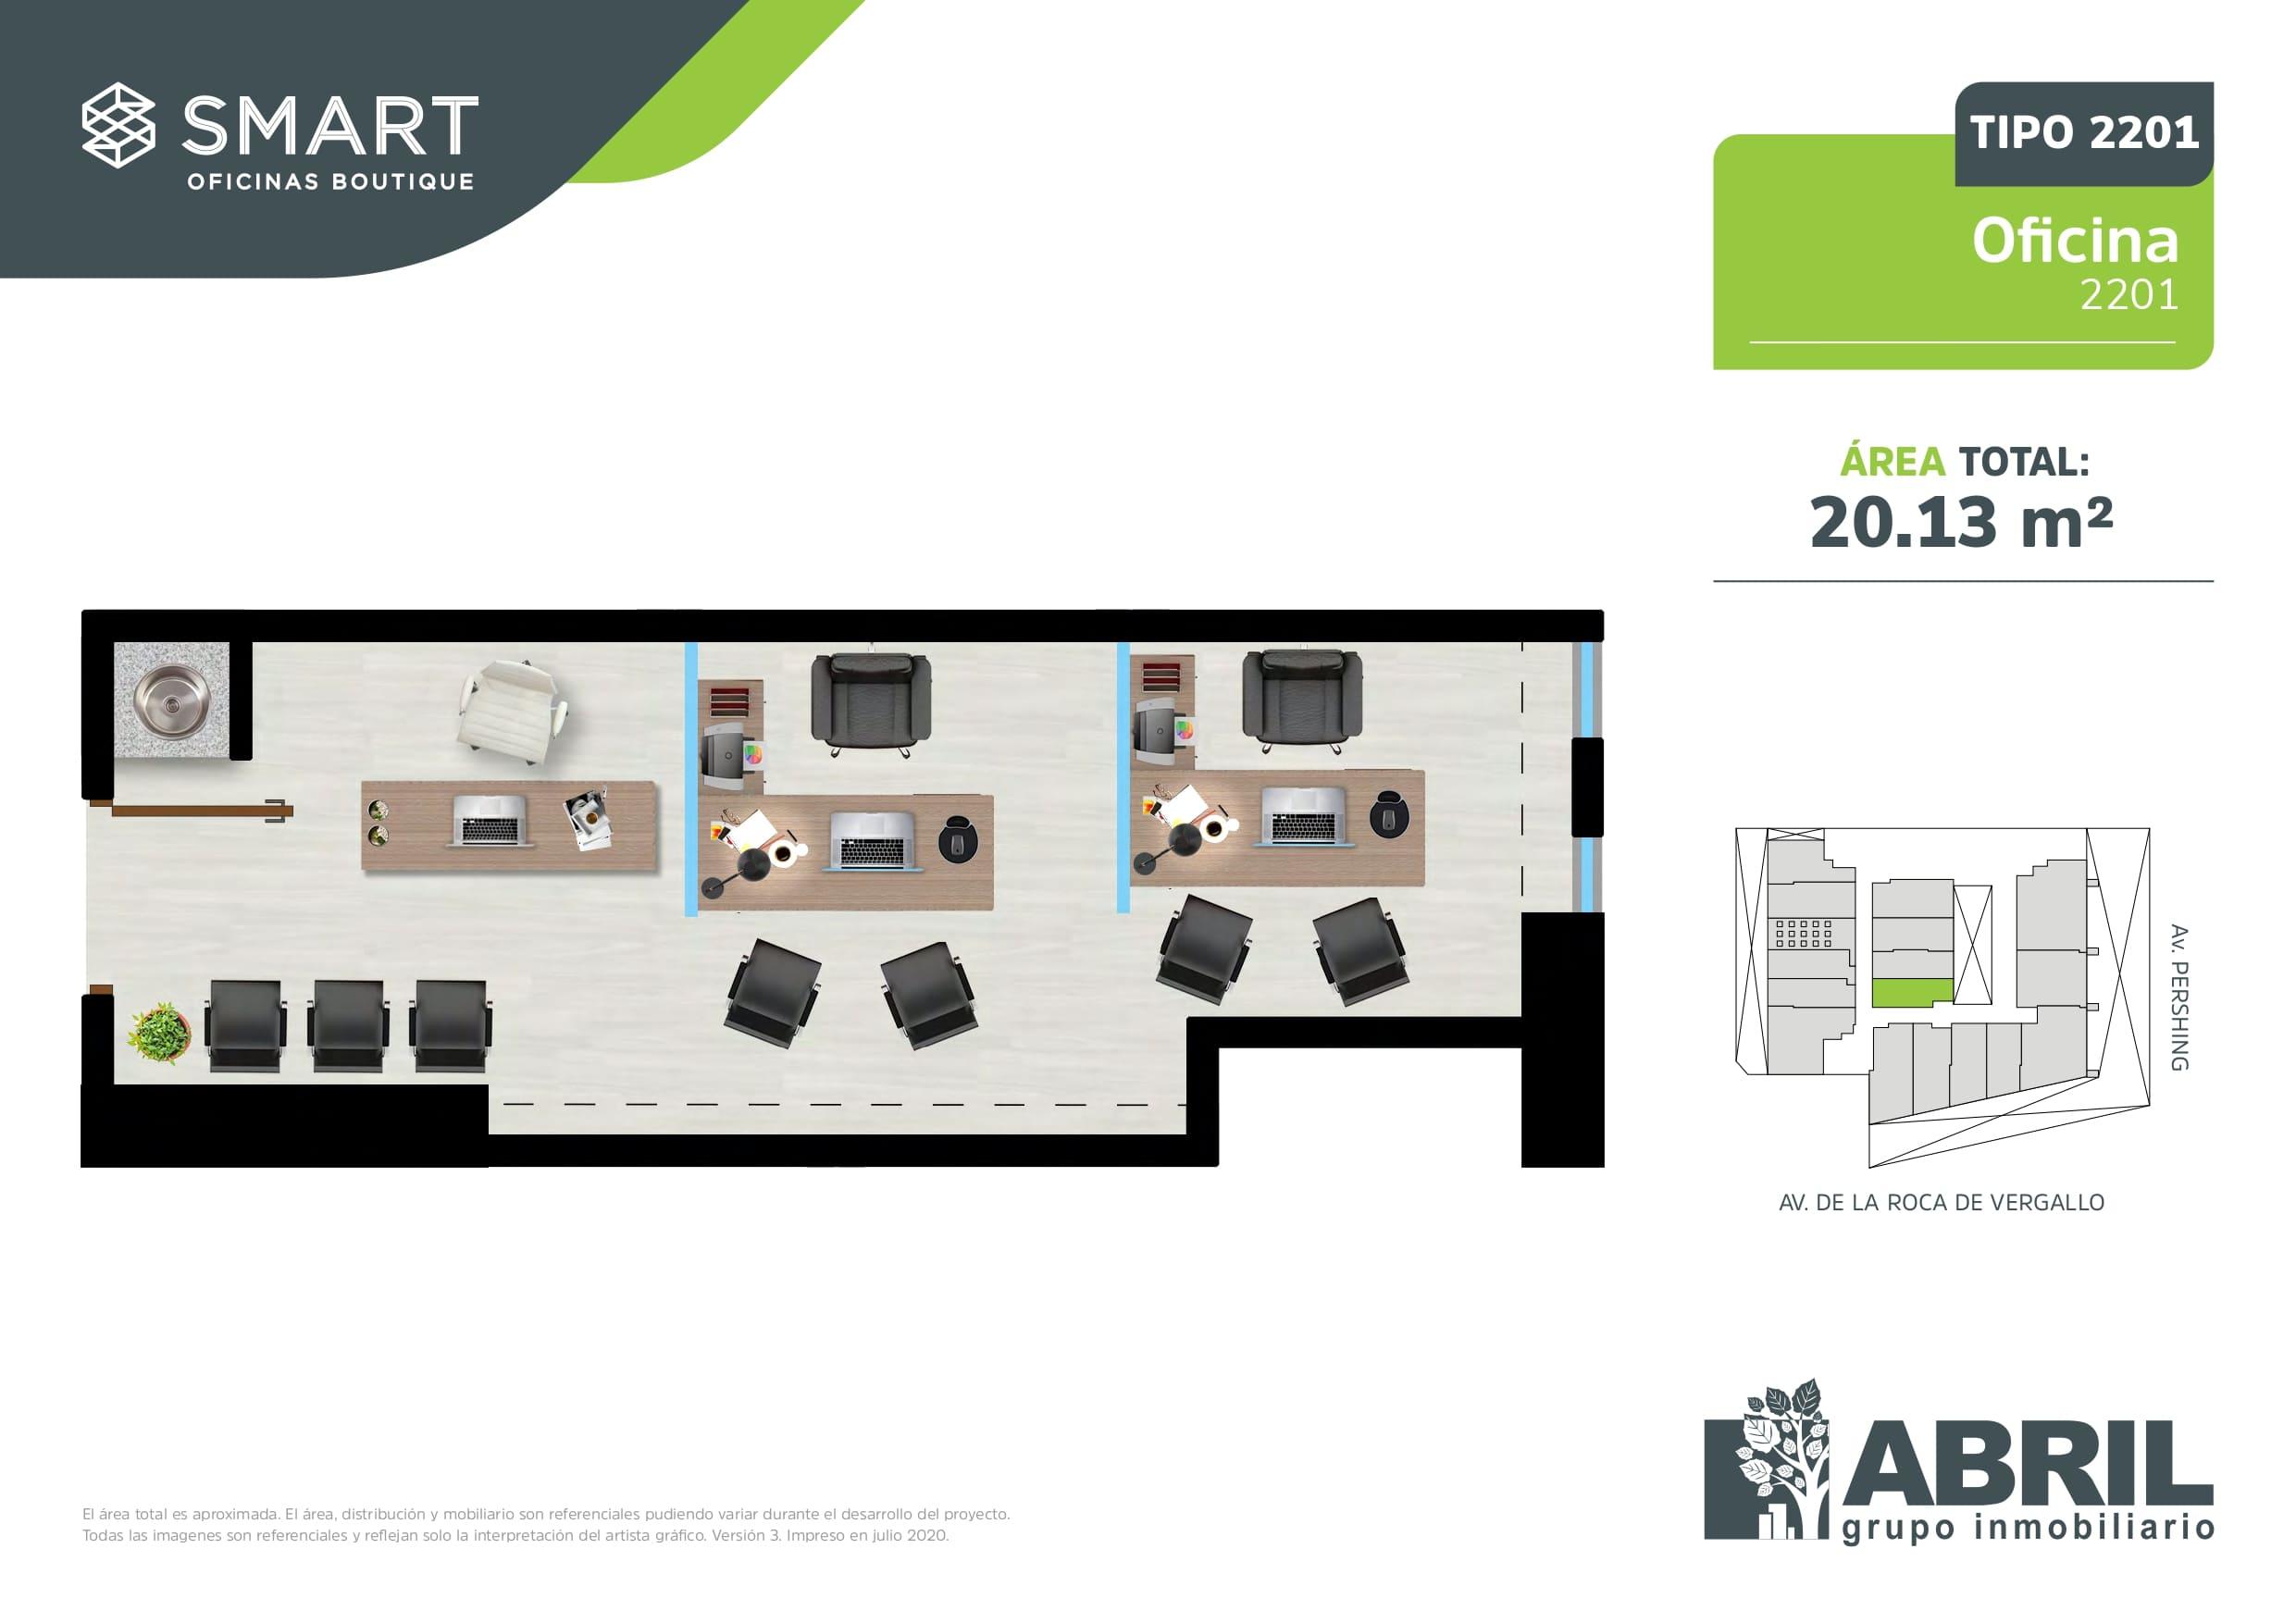 Área total: 20.13 m2